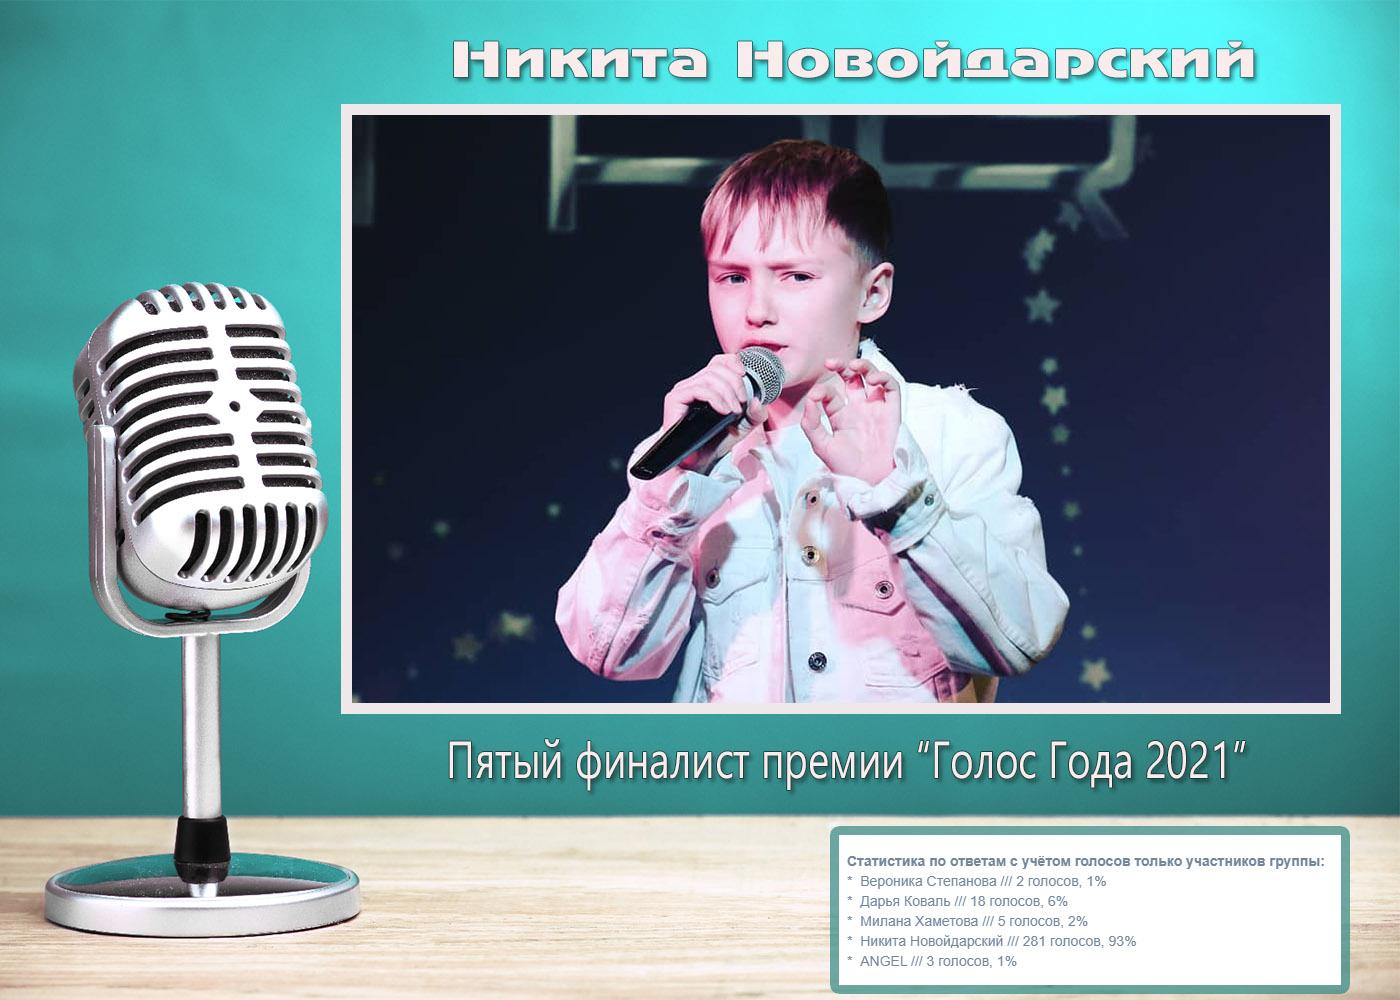 Никита Новойдарский